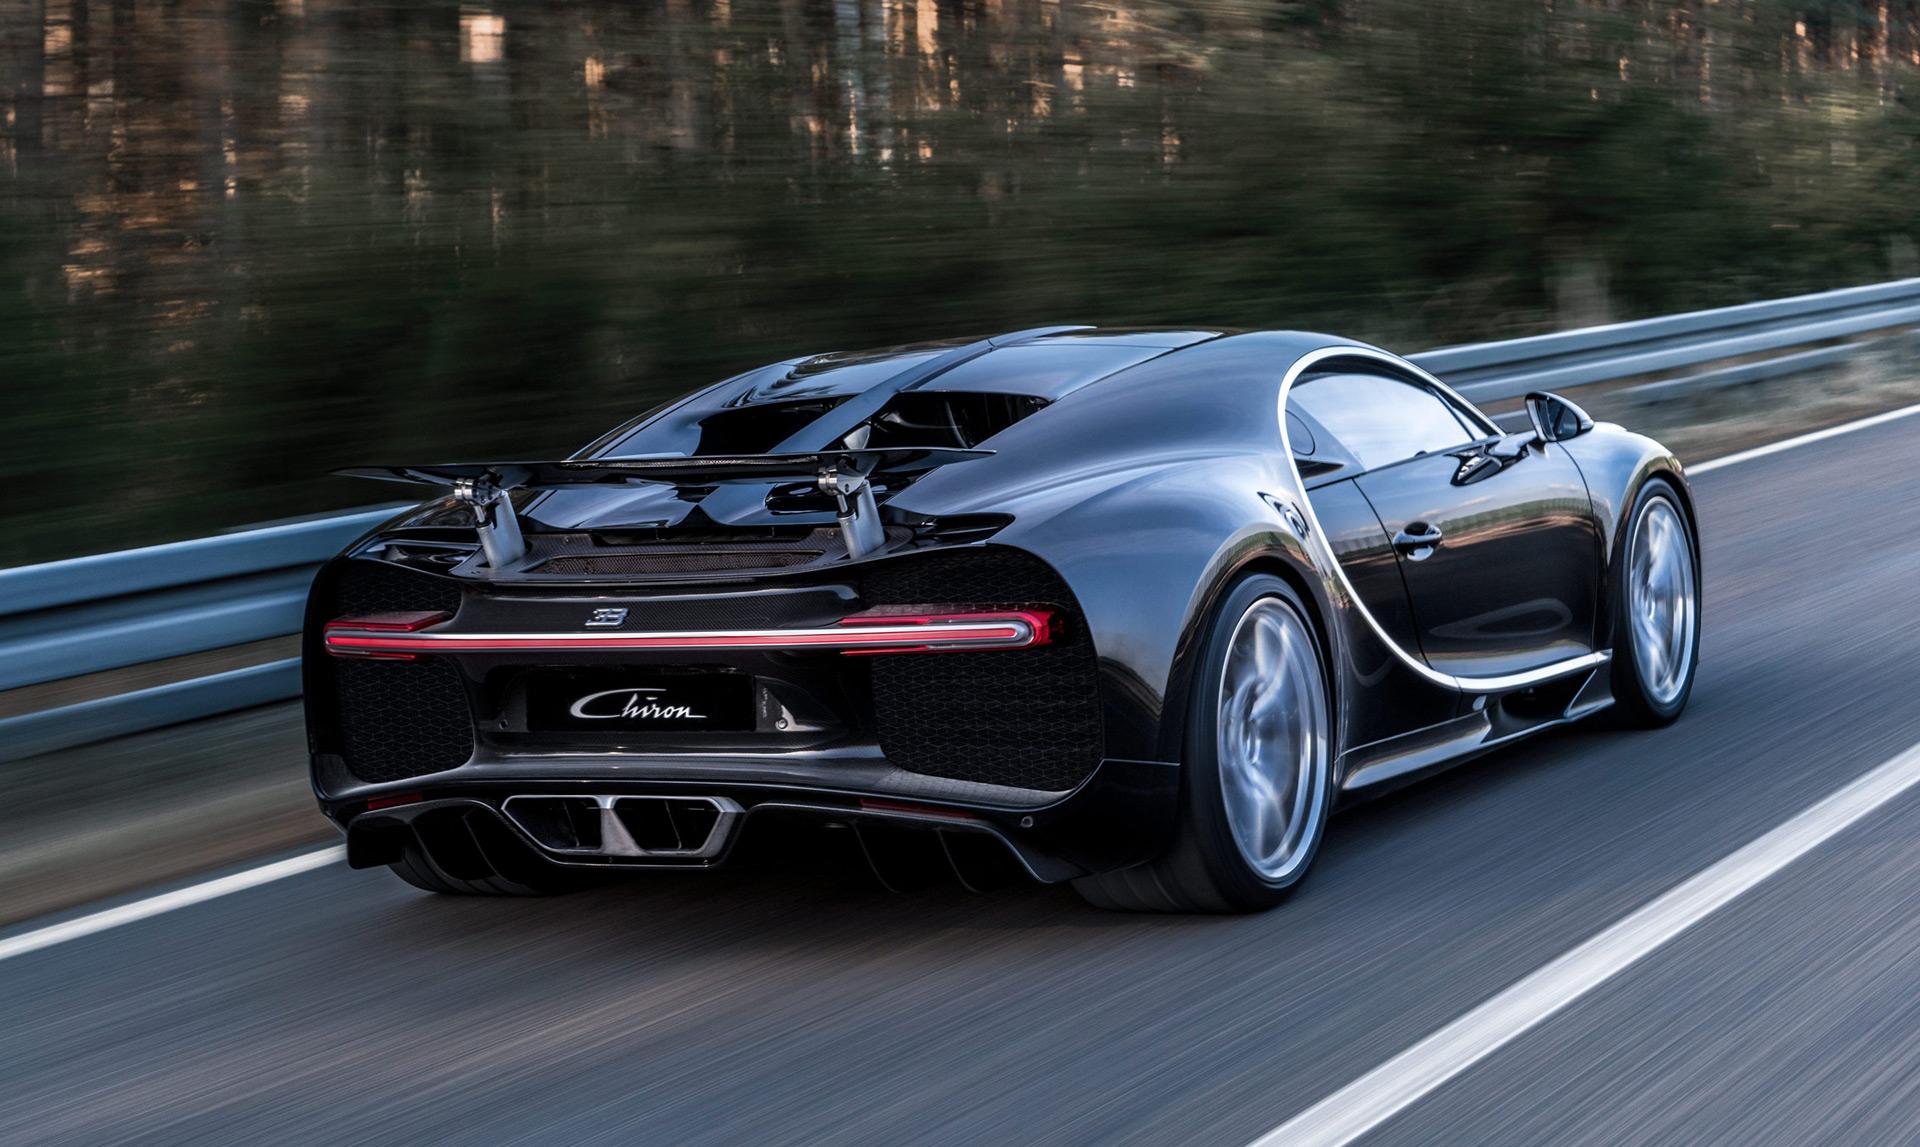 Bugatti Chiron design, 2017 Alfa Romeo Giulia, 2017 Grand Cherokee Trailhawk: Today's Car News